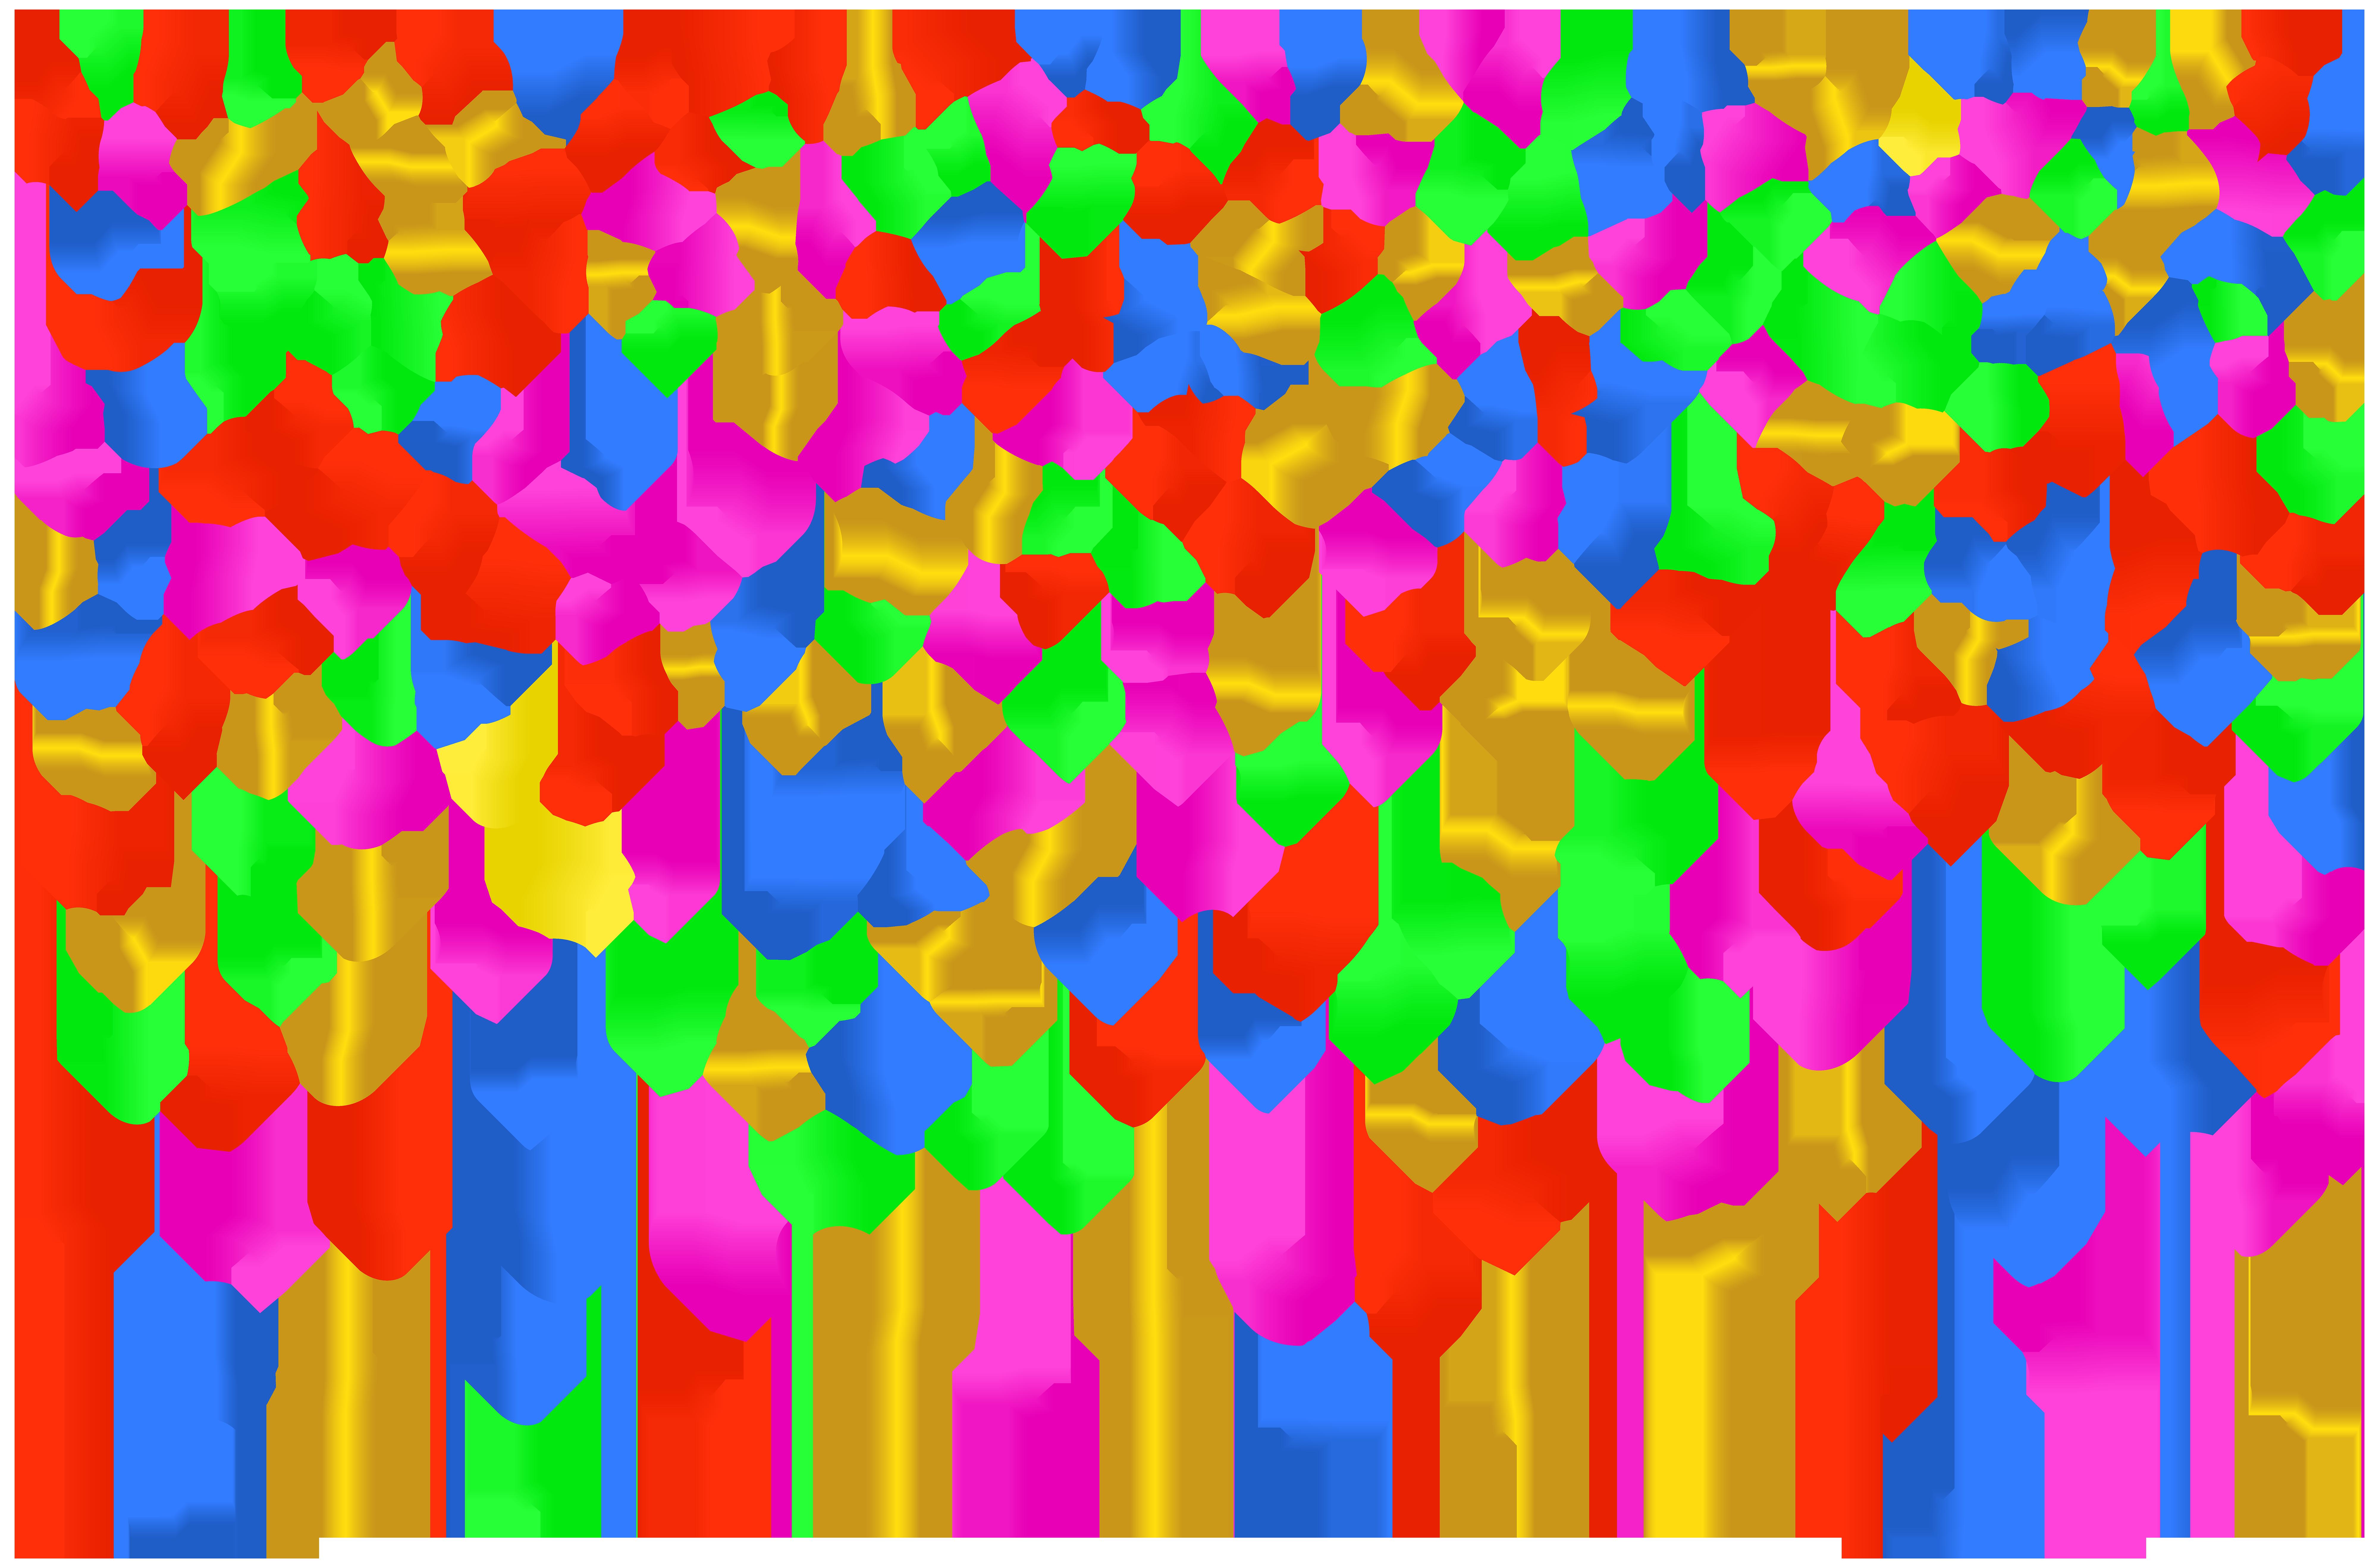 insert multicolored confetti